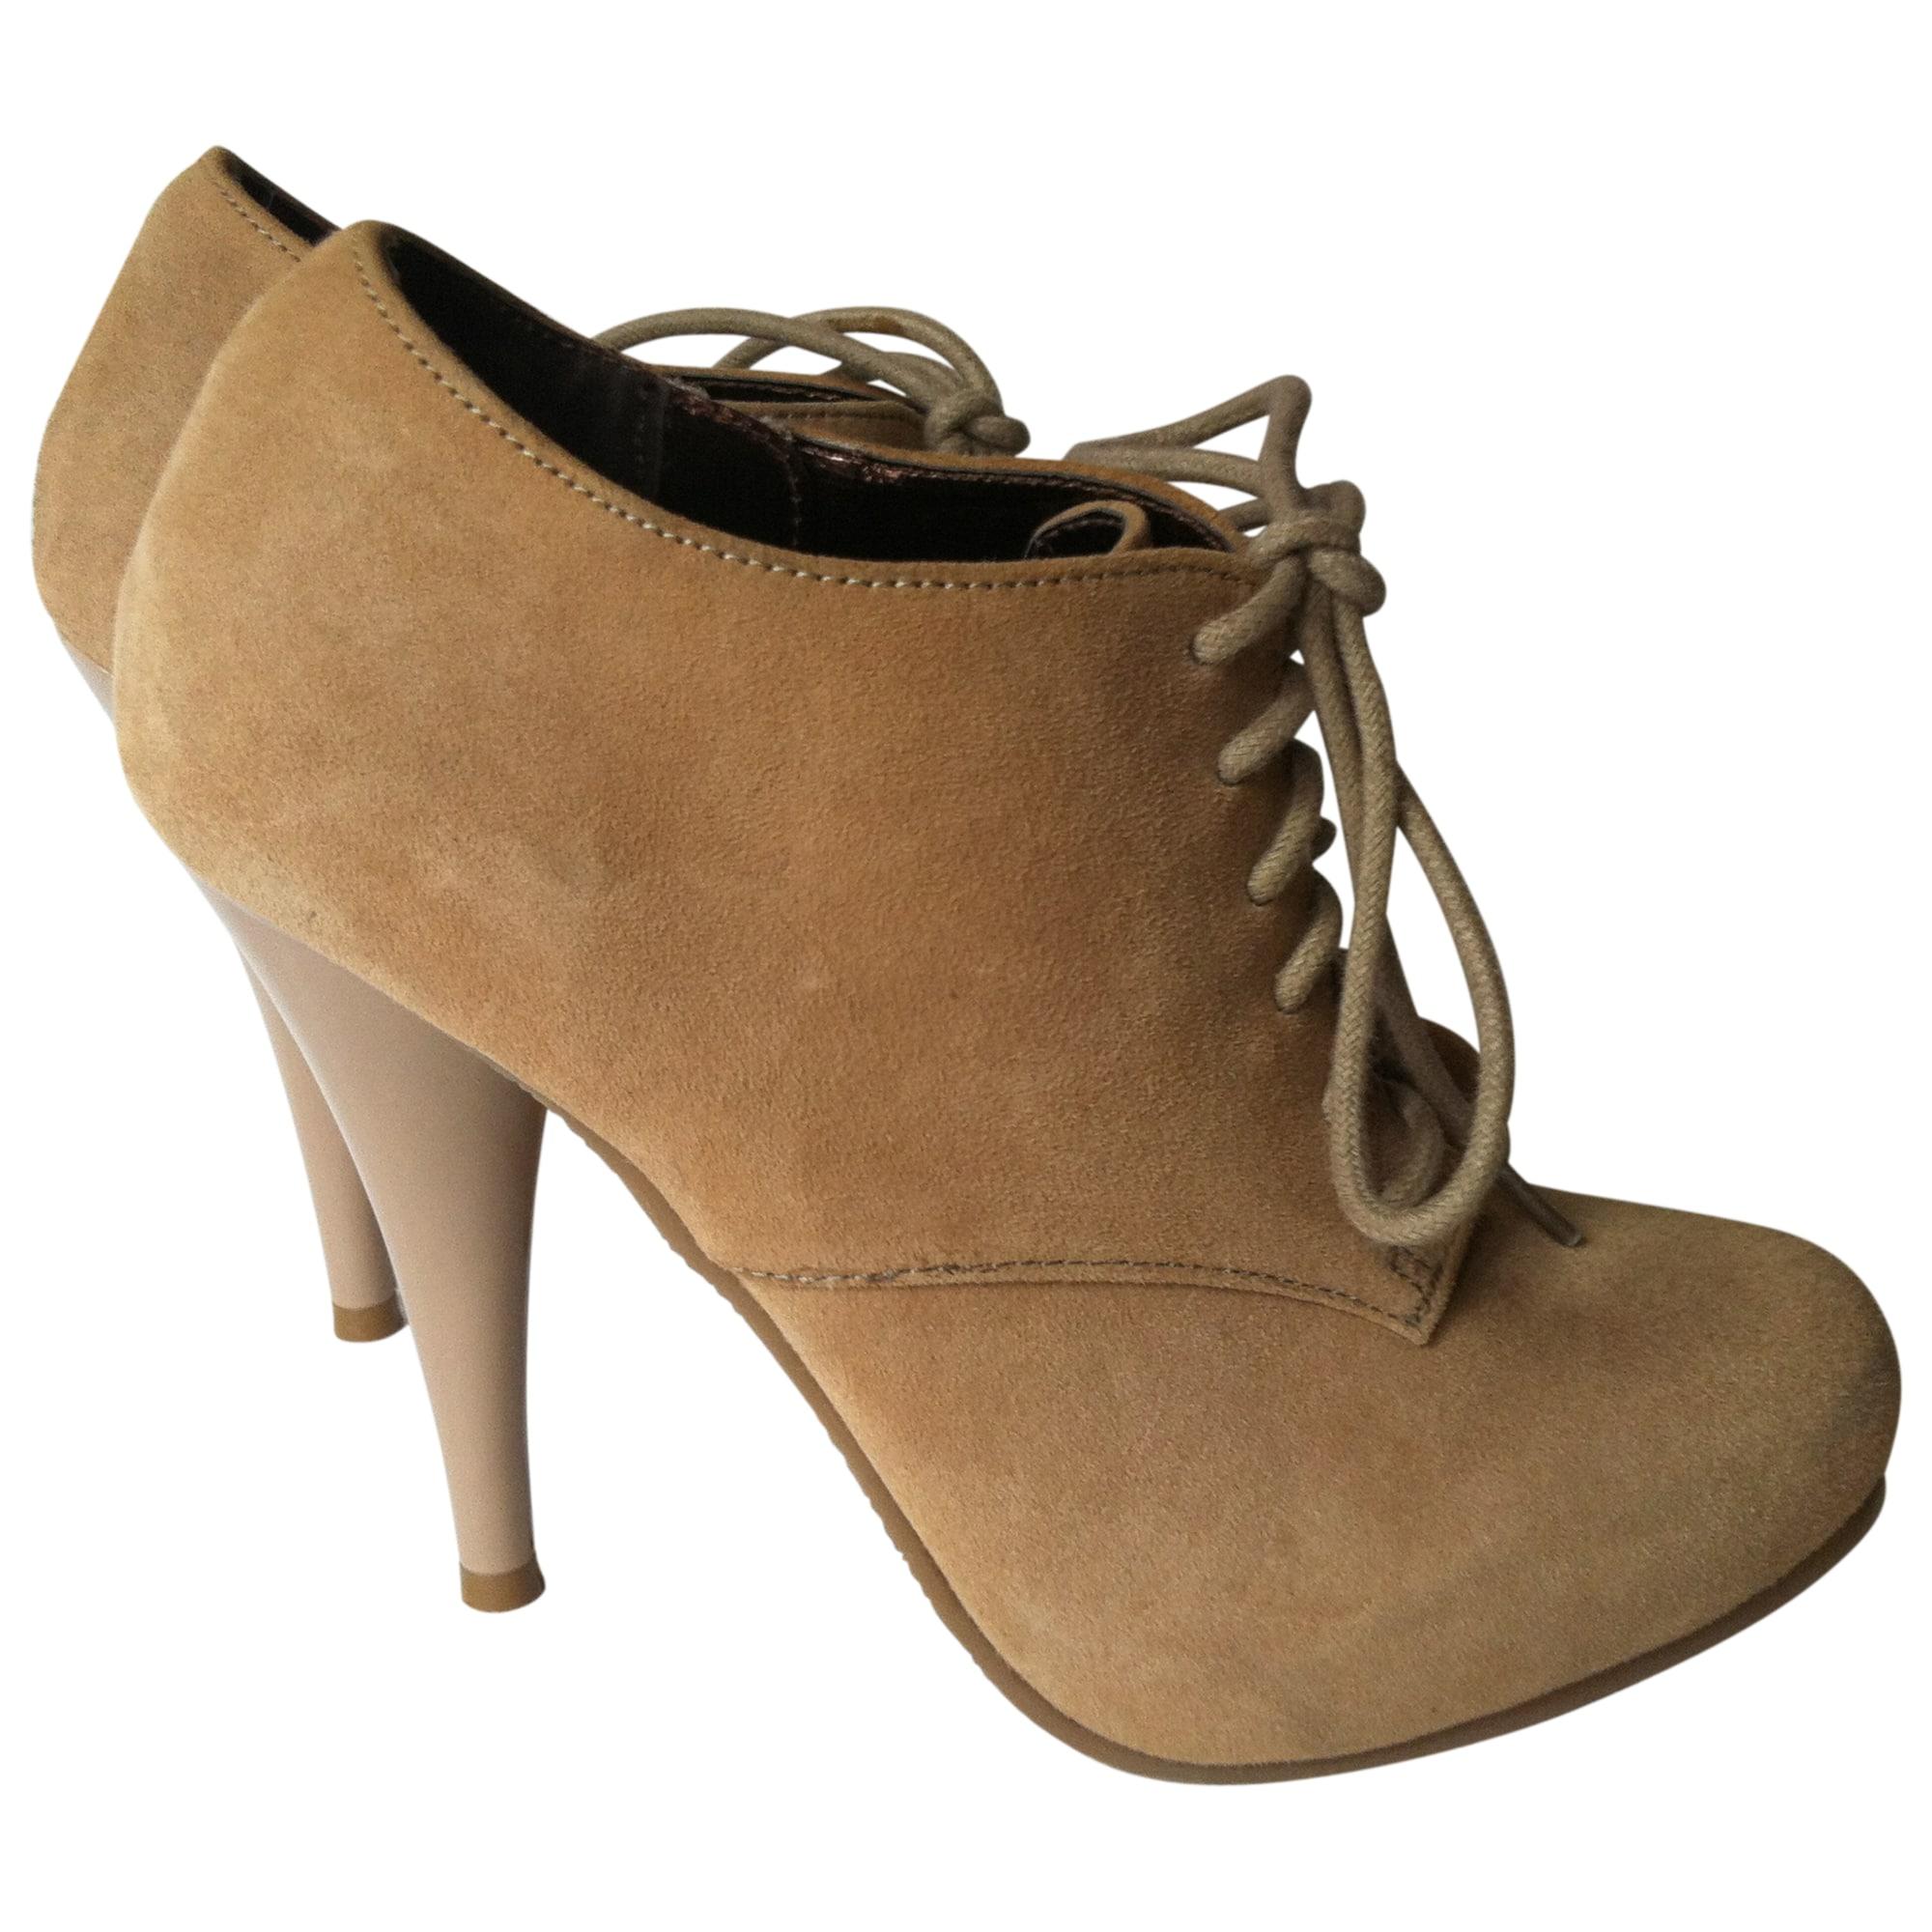 High Heel Ankle Boots STEVE MADDEN Beige, camel